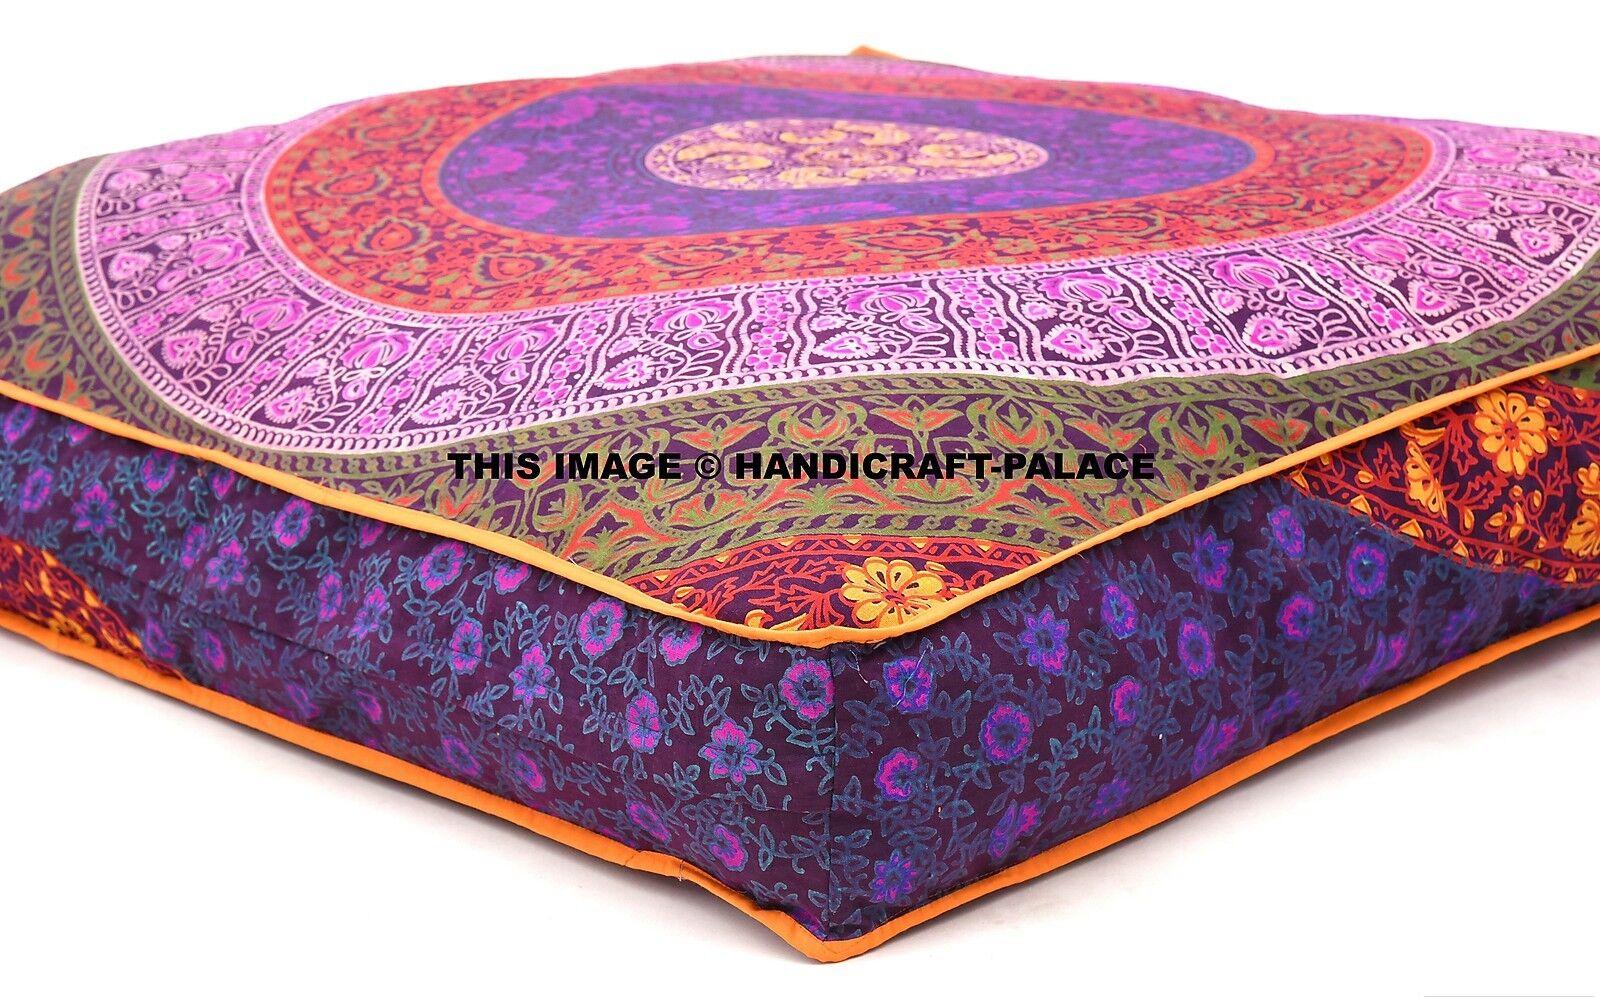 Indiano Mandala Quadrato Interno Esterno Deluxe Memoria Pp S uma Cane Letto